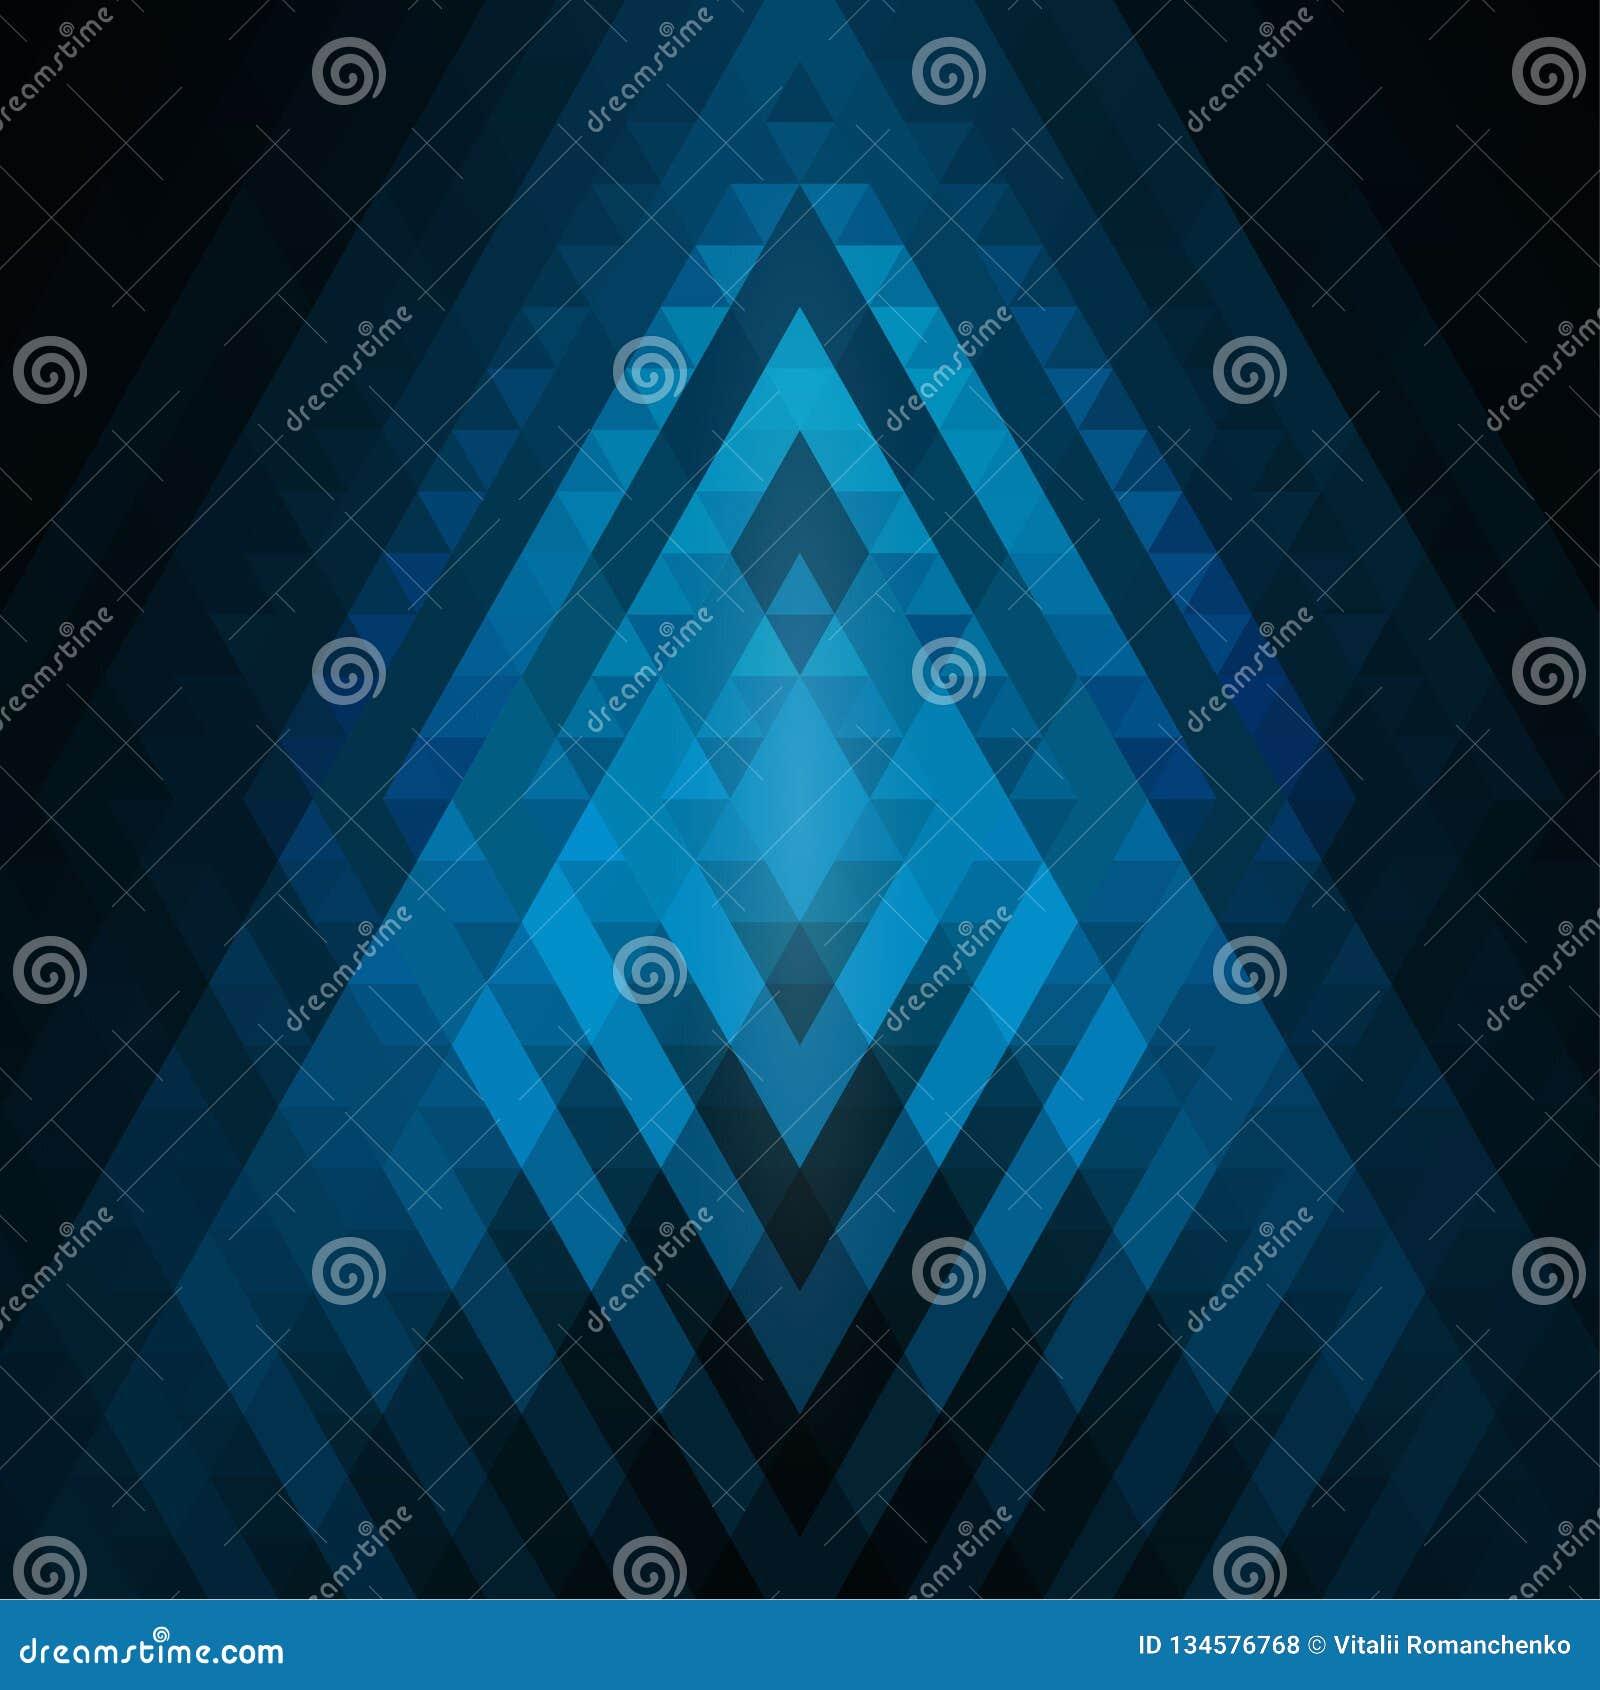 Fondo geométrico ciánico y azul abstracto de triángulos Mosaico colorido de formas simétricas Tonos y pendientes suaves del color